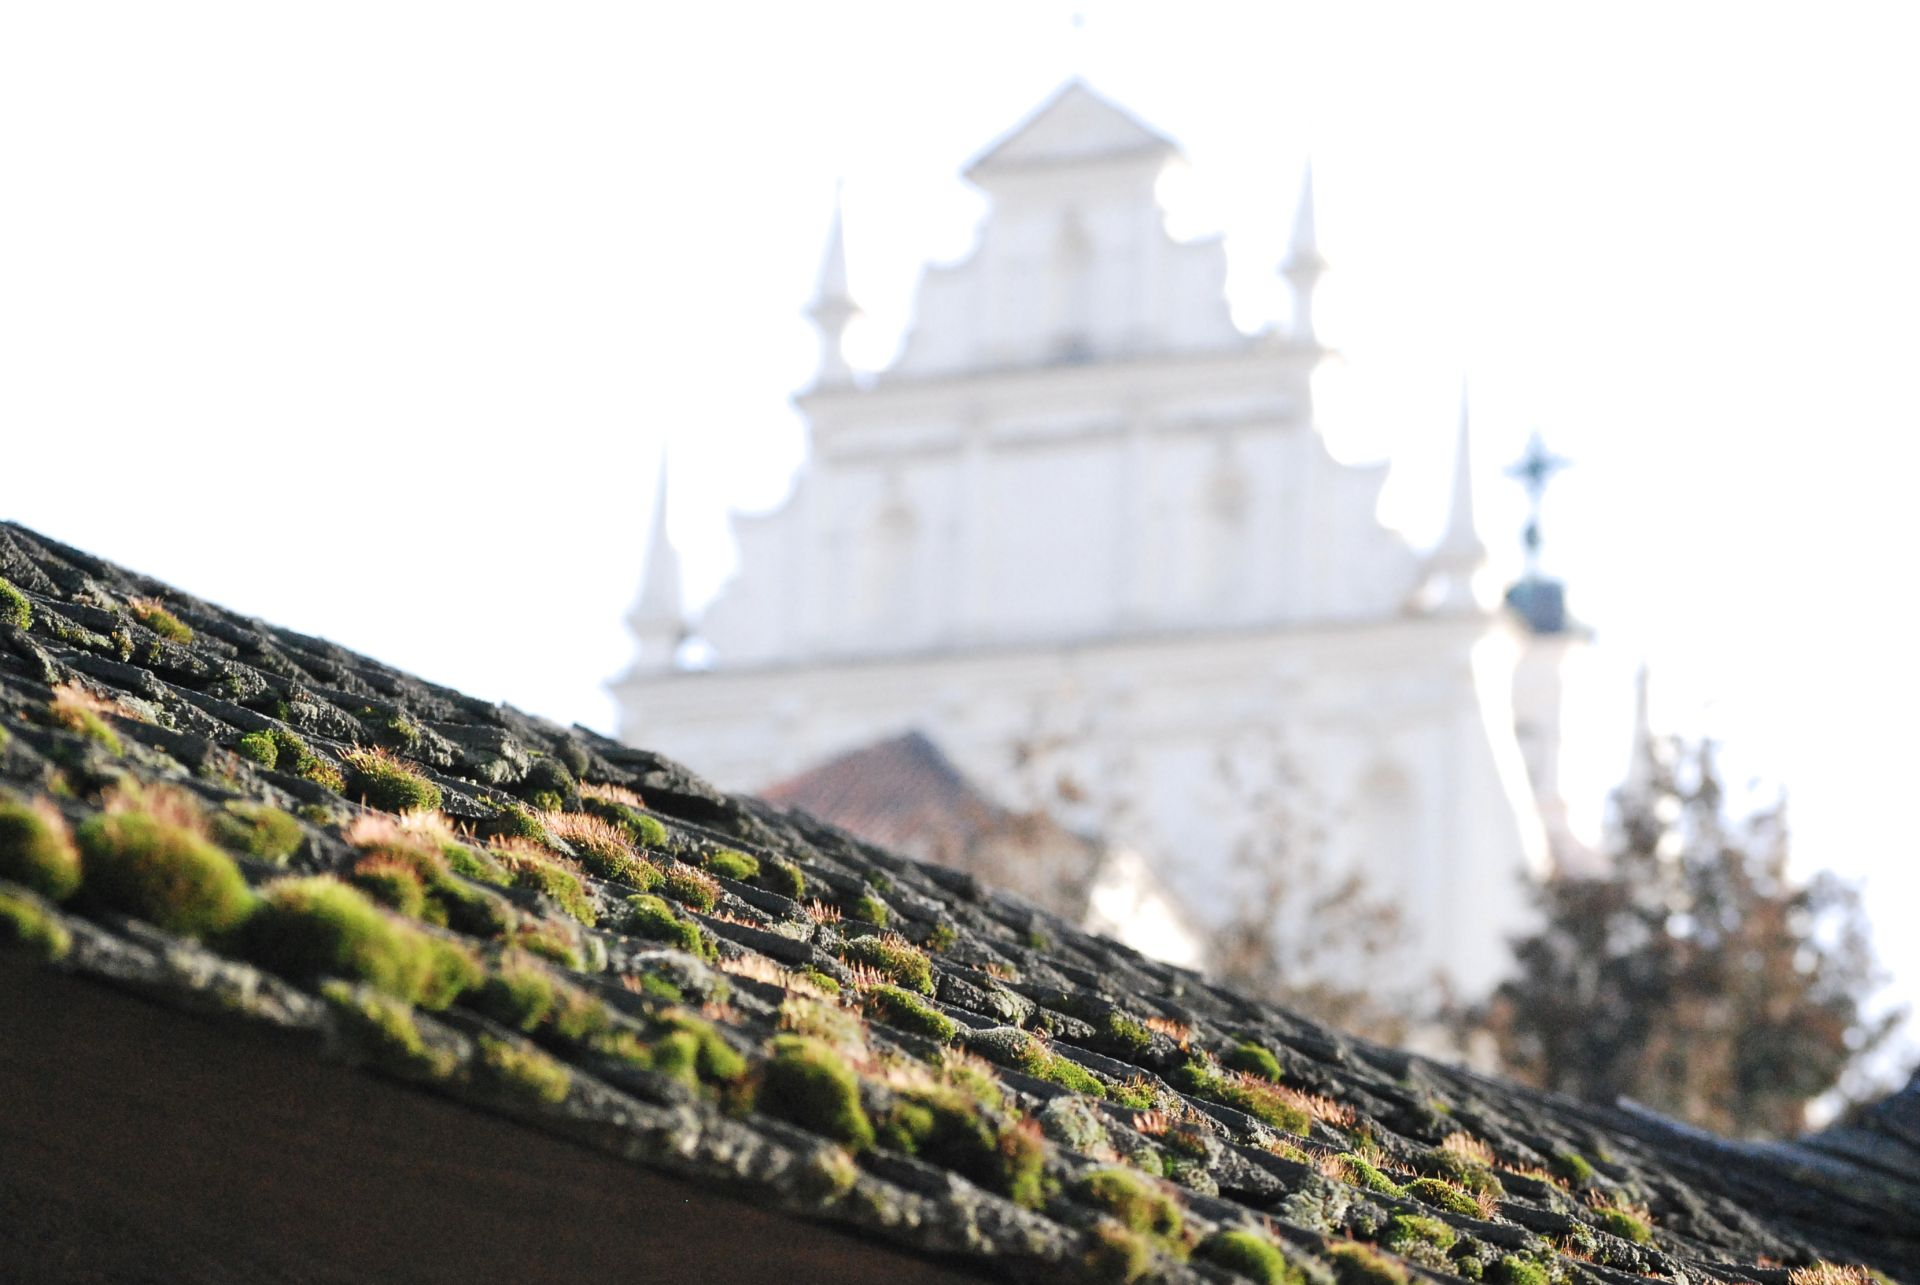 Kazimierz Dolny - jedno z najcenniejszych i najbardziej urokliwych miejsc w Polsce